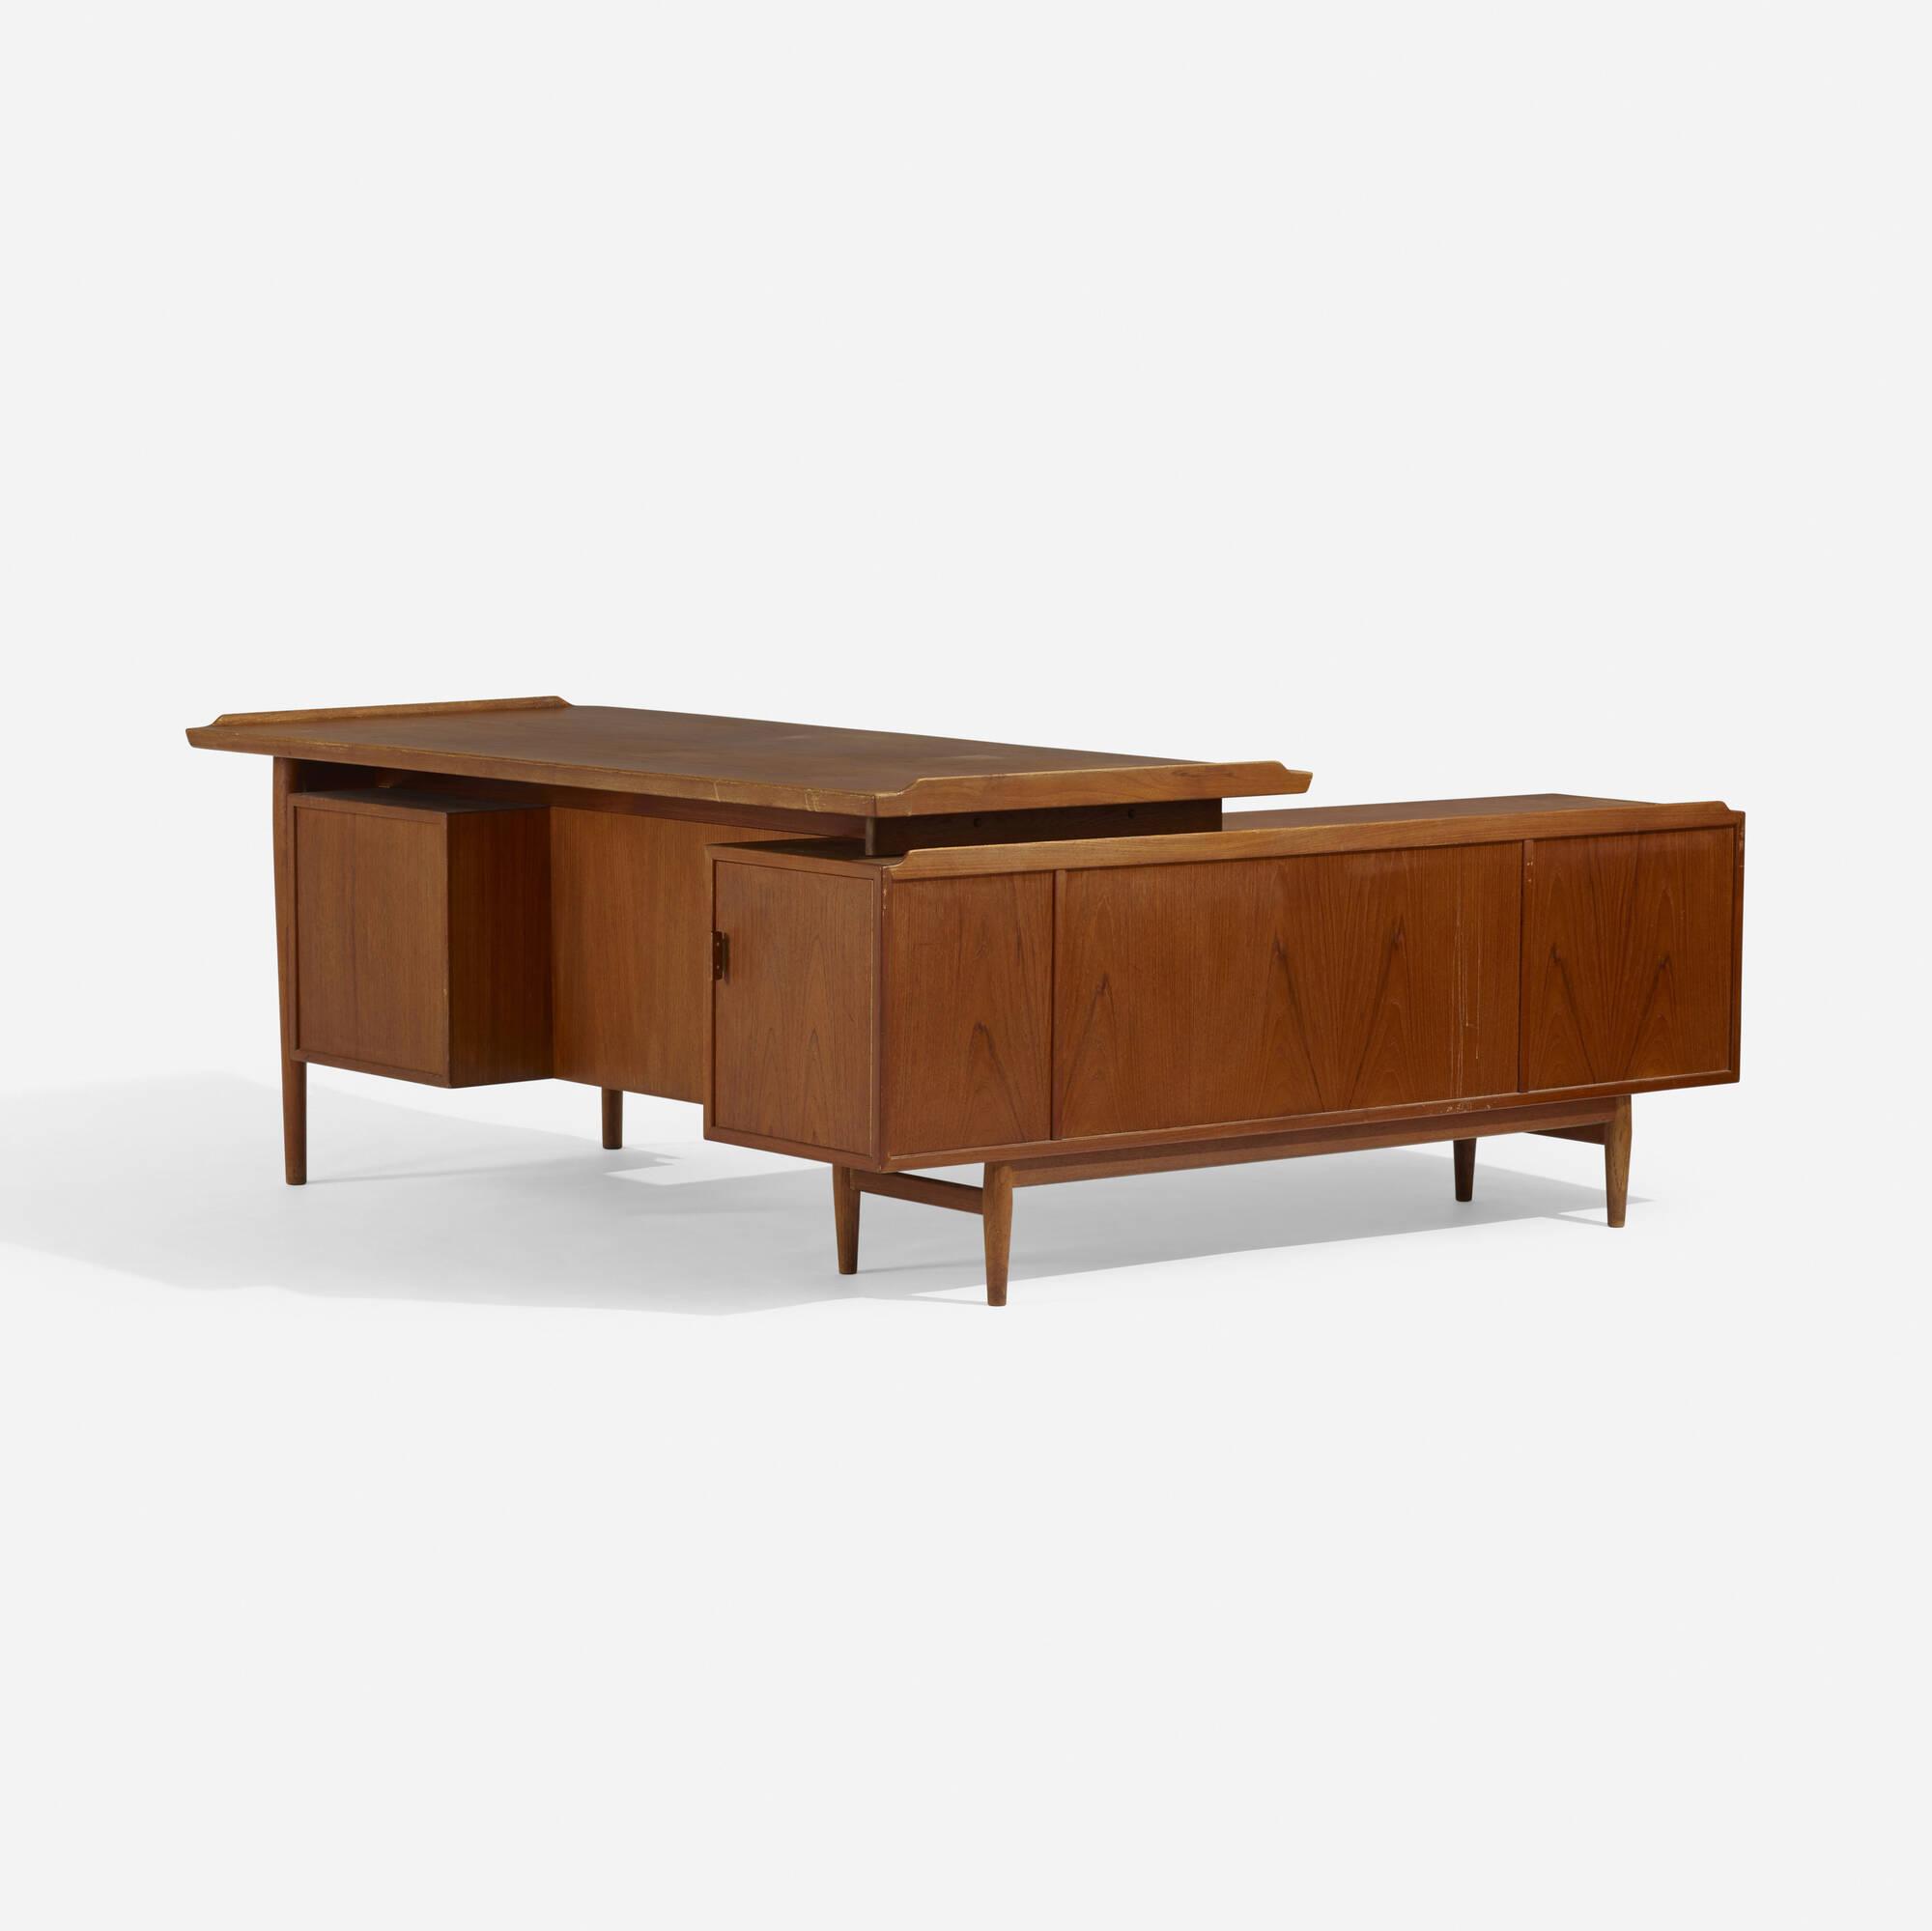 218: Arne Vodder / desk and return (2 of 4)